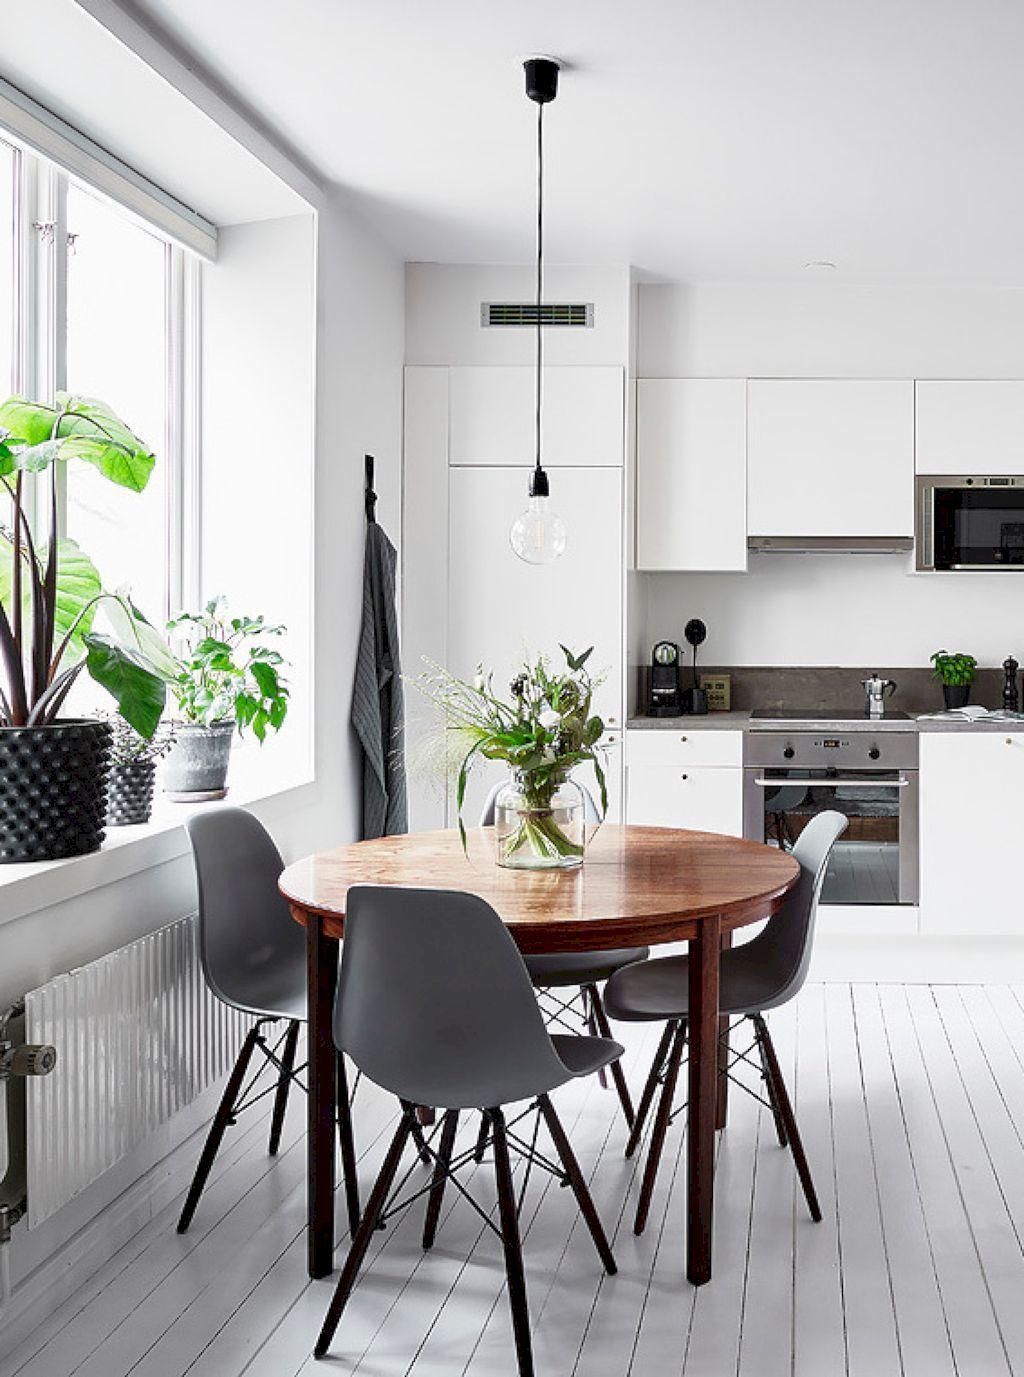 Pin by carrebianhome on interior furniture comedores mesas de cocina decoraciones del hogar